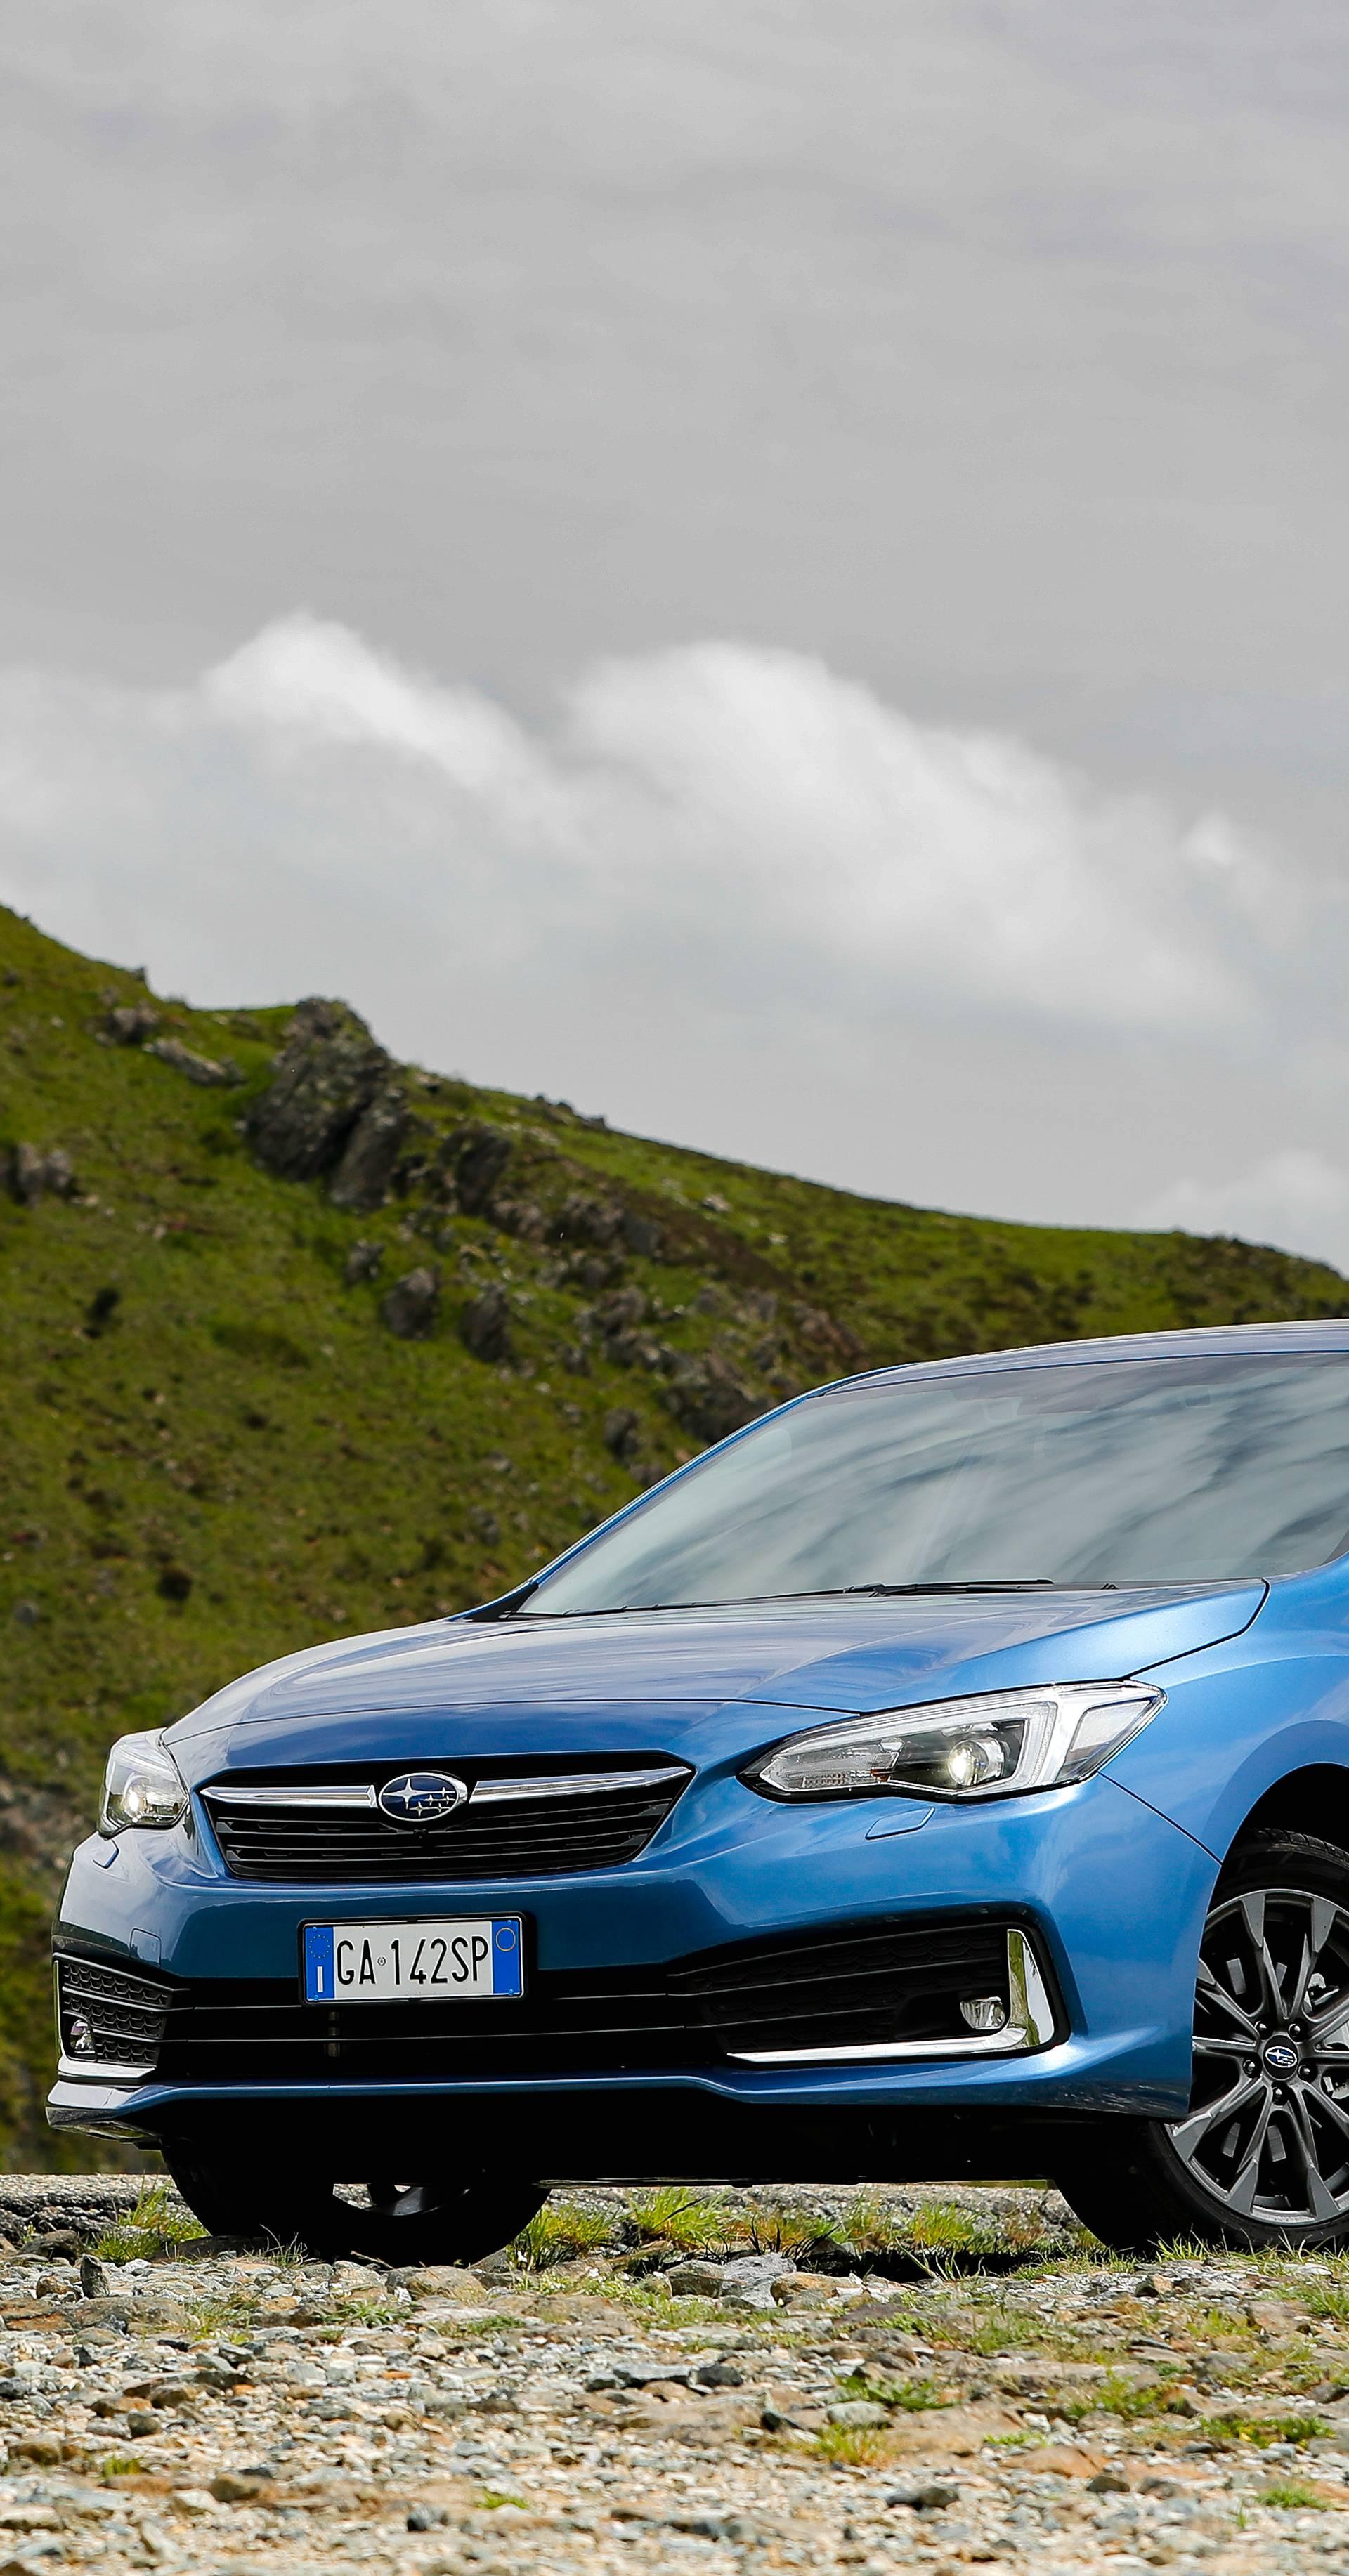 U Hrvatsku stiže novi Subaru Impreza s hibridnim pogonom